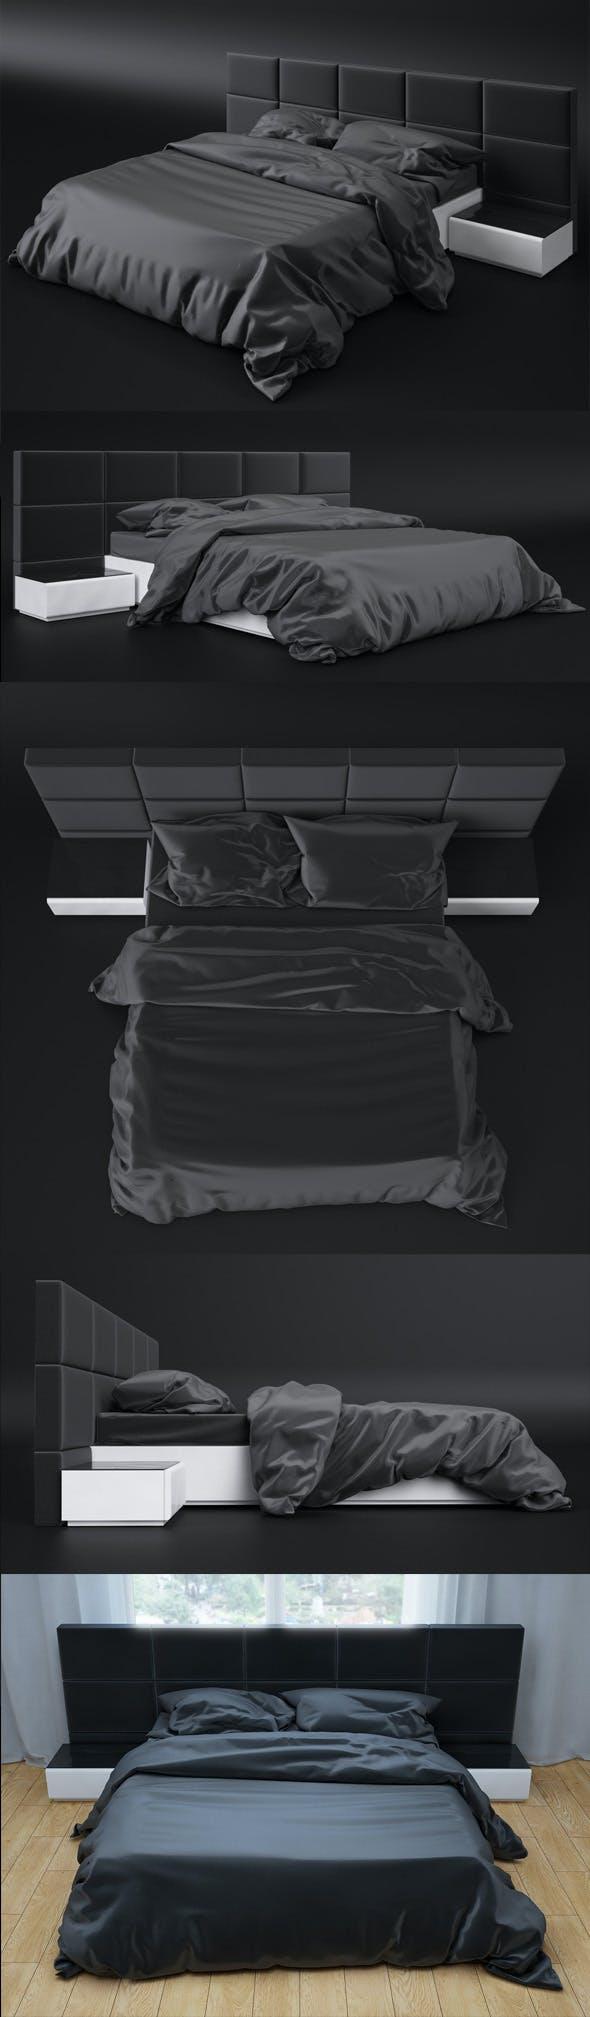 Bed sicilia premium 3D Model - 3DOcean Item for Sale